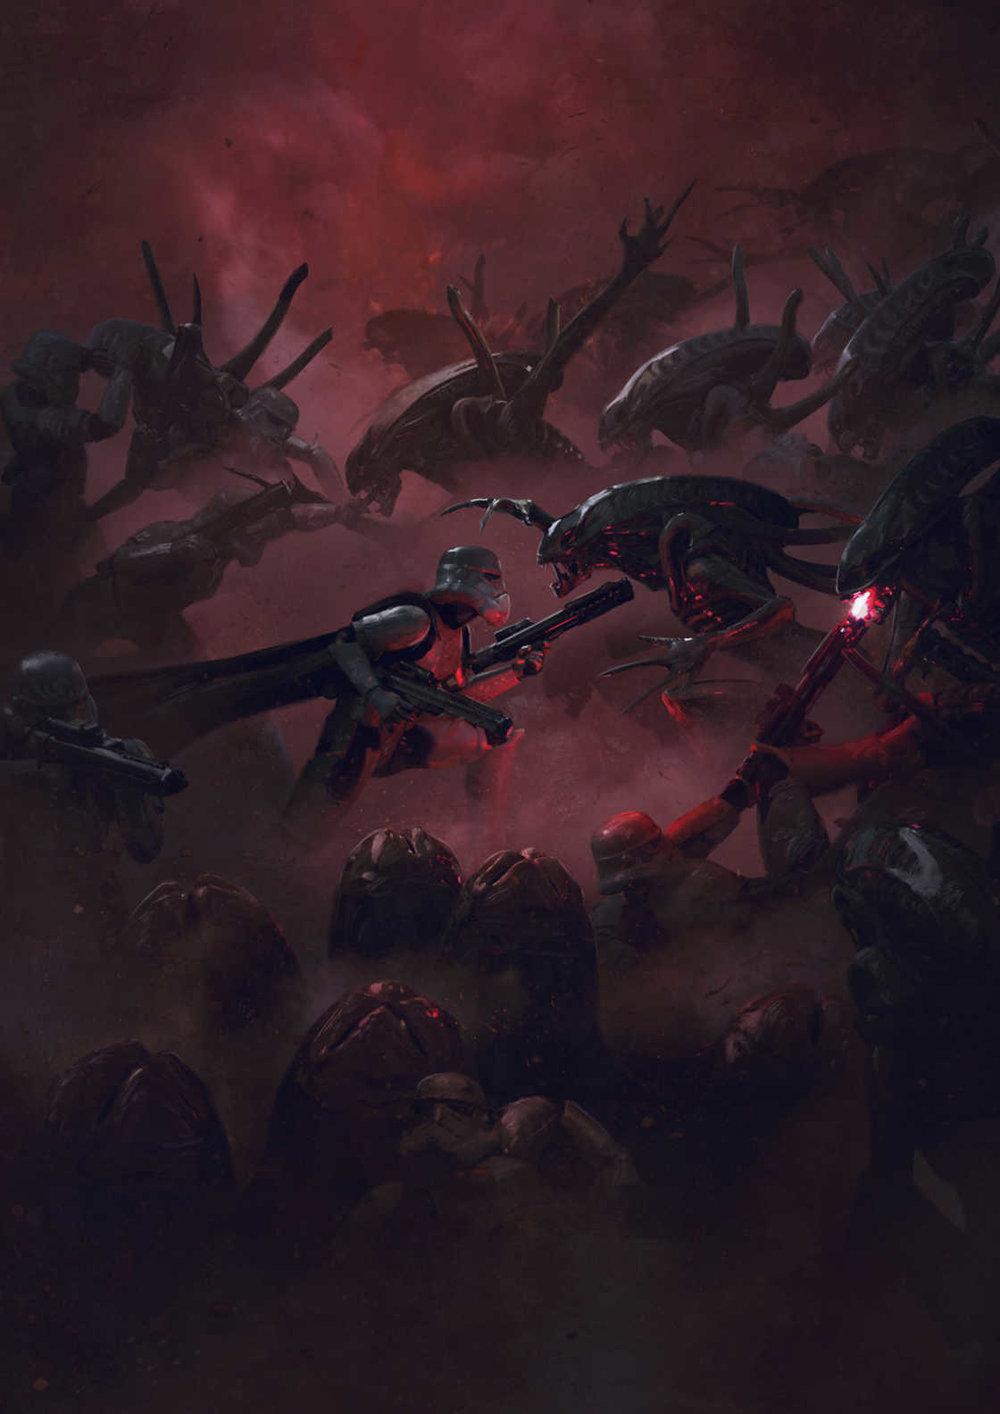 Guillem-H-Pongiluppi-star-wars-vs-aliens-1.jpg